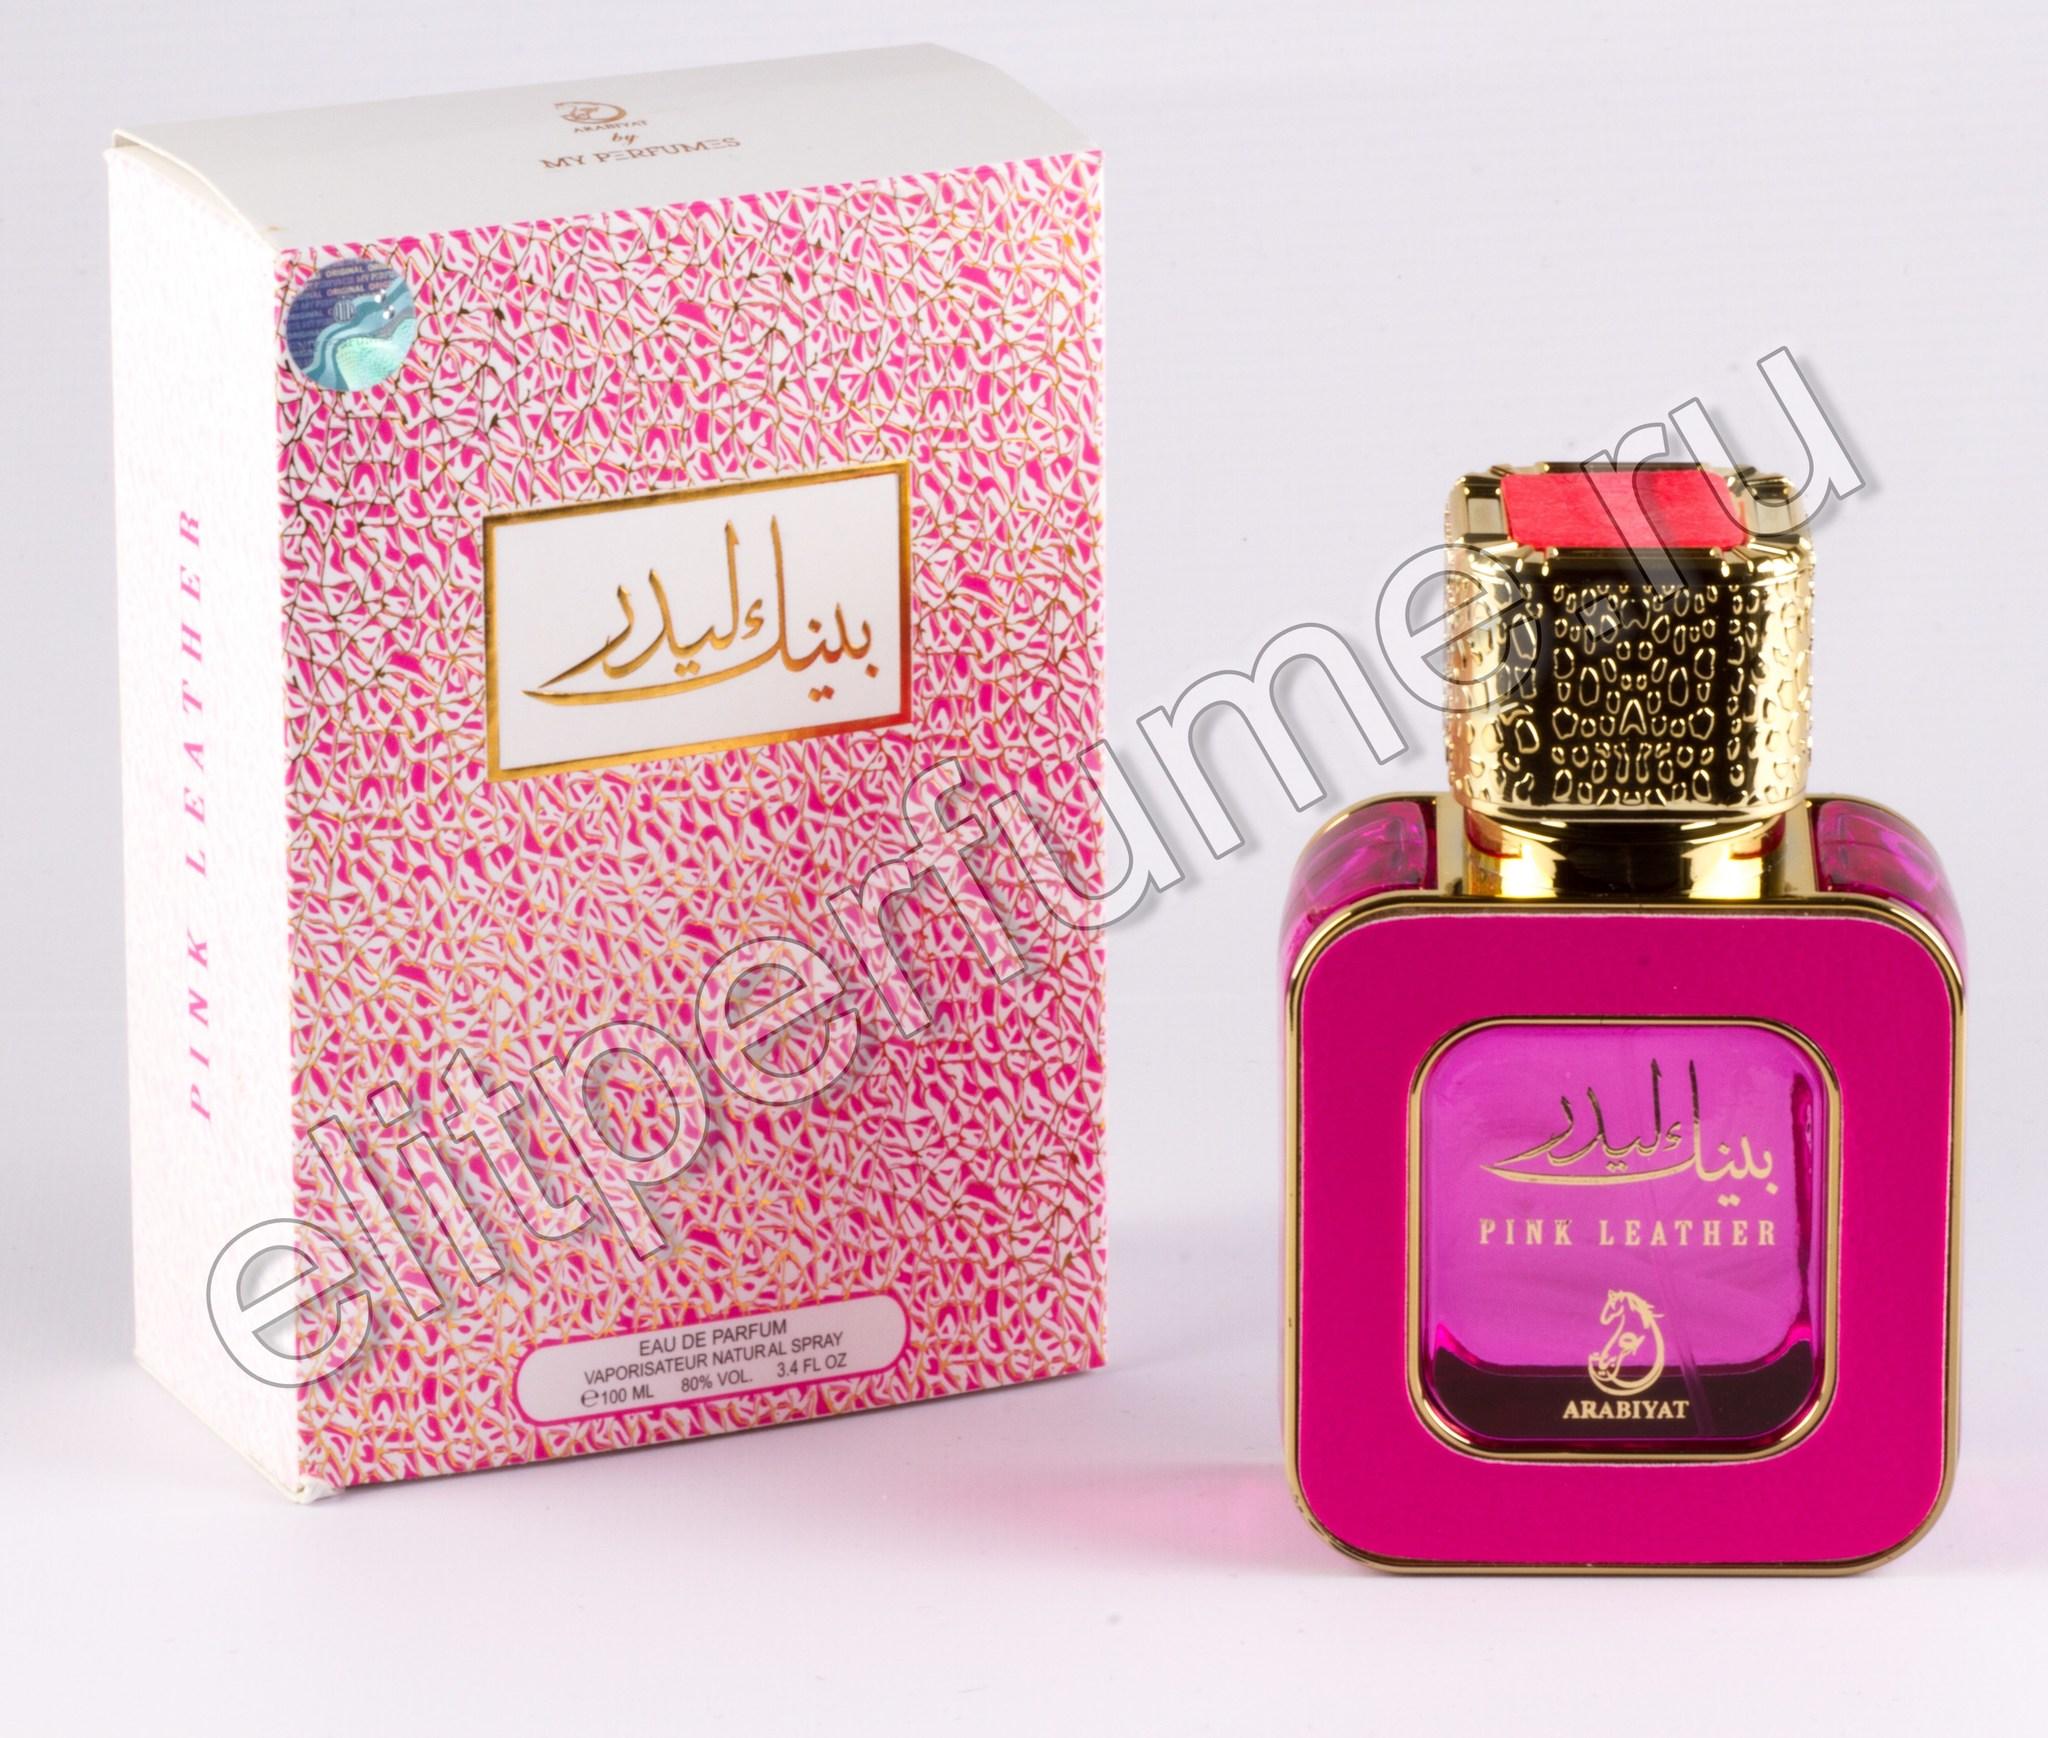 Pink leather  Пинк лезер 100 мл спрей от Май Парфюмс My Perfumes